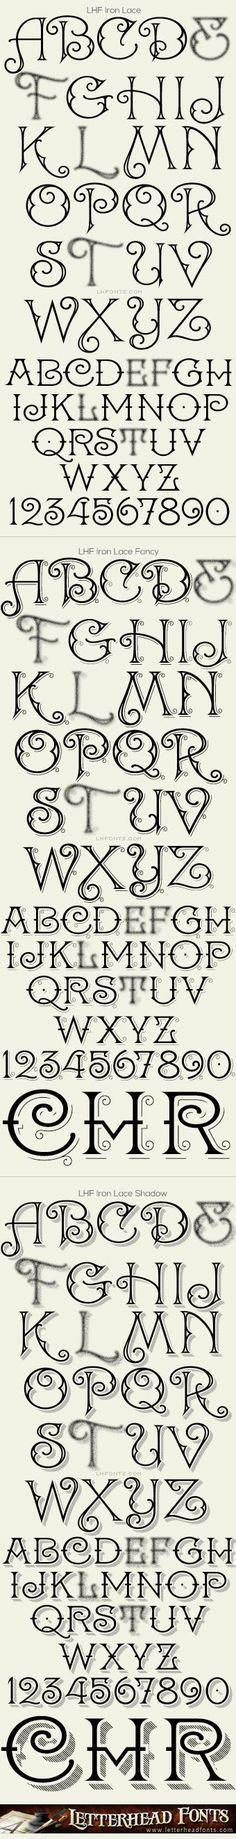 Briefkopf Schriftarten / Eisen Spitze Schriftsatz / dekorative Schriftarten